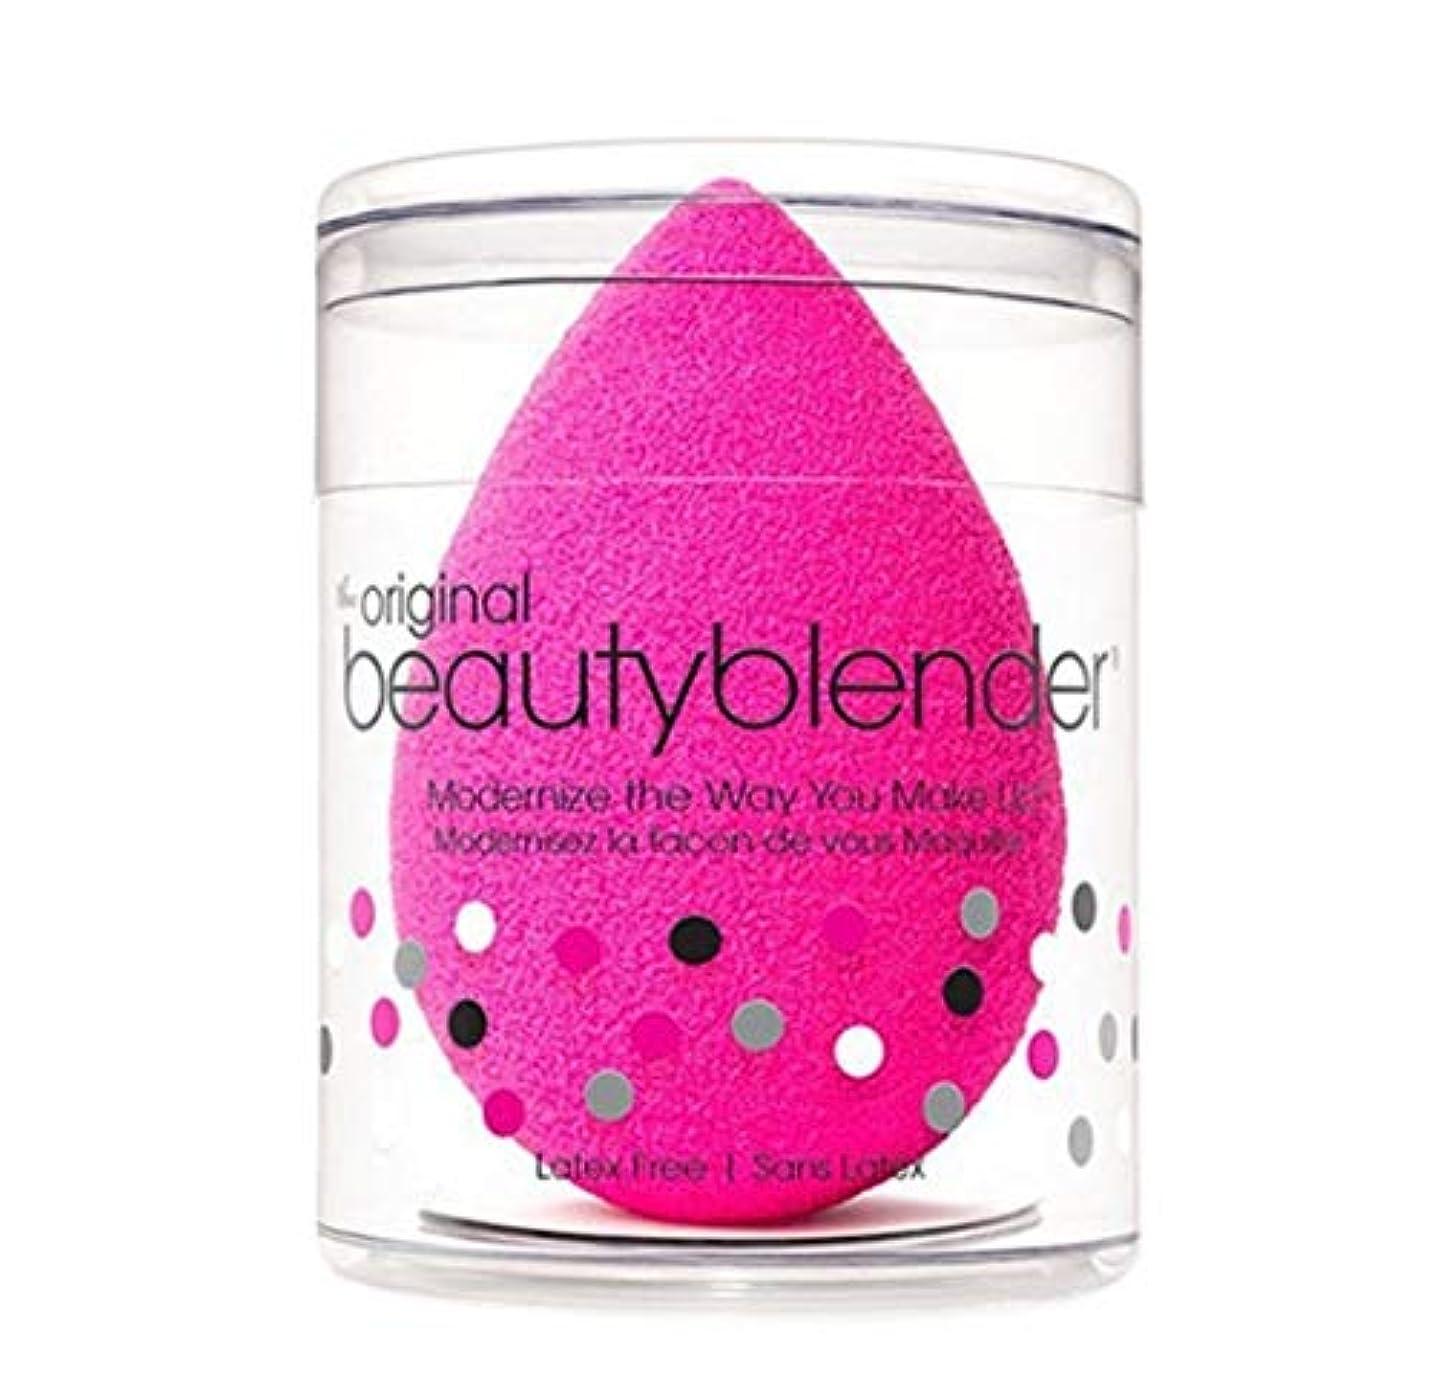 スラックオゾン中古Beauty Makeup Sponge Blender 多機能 ビューティーブレンダー